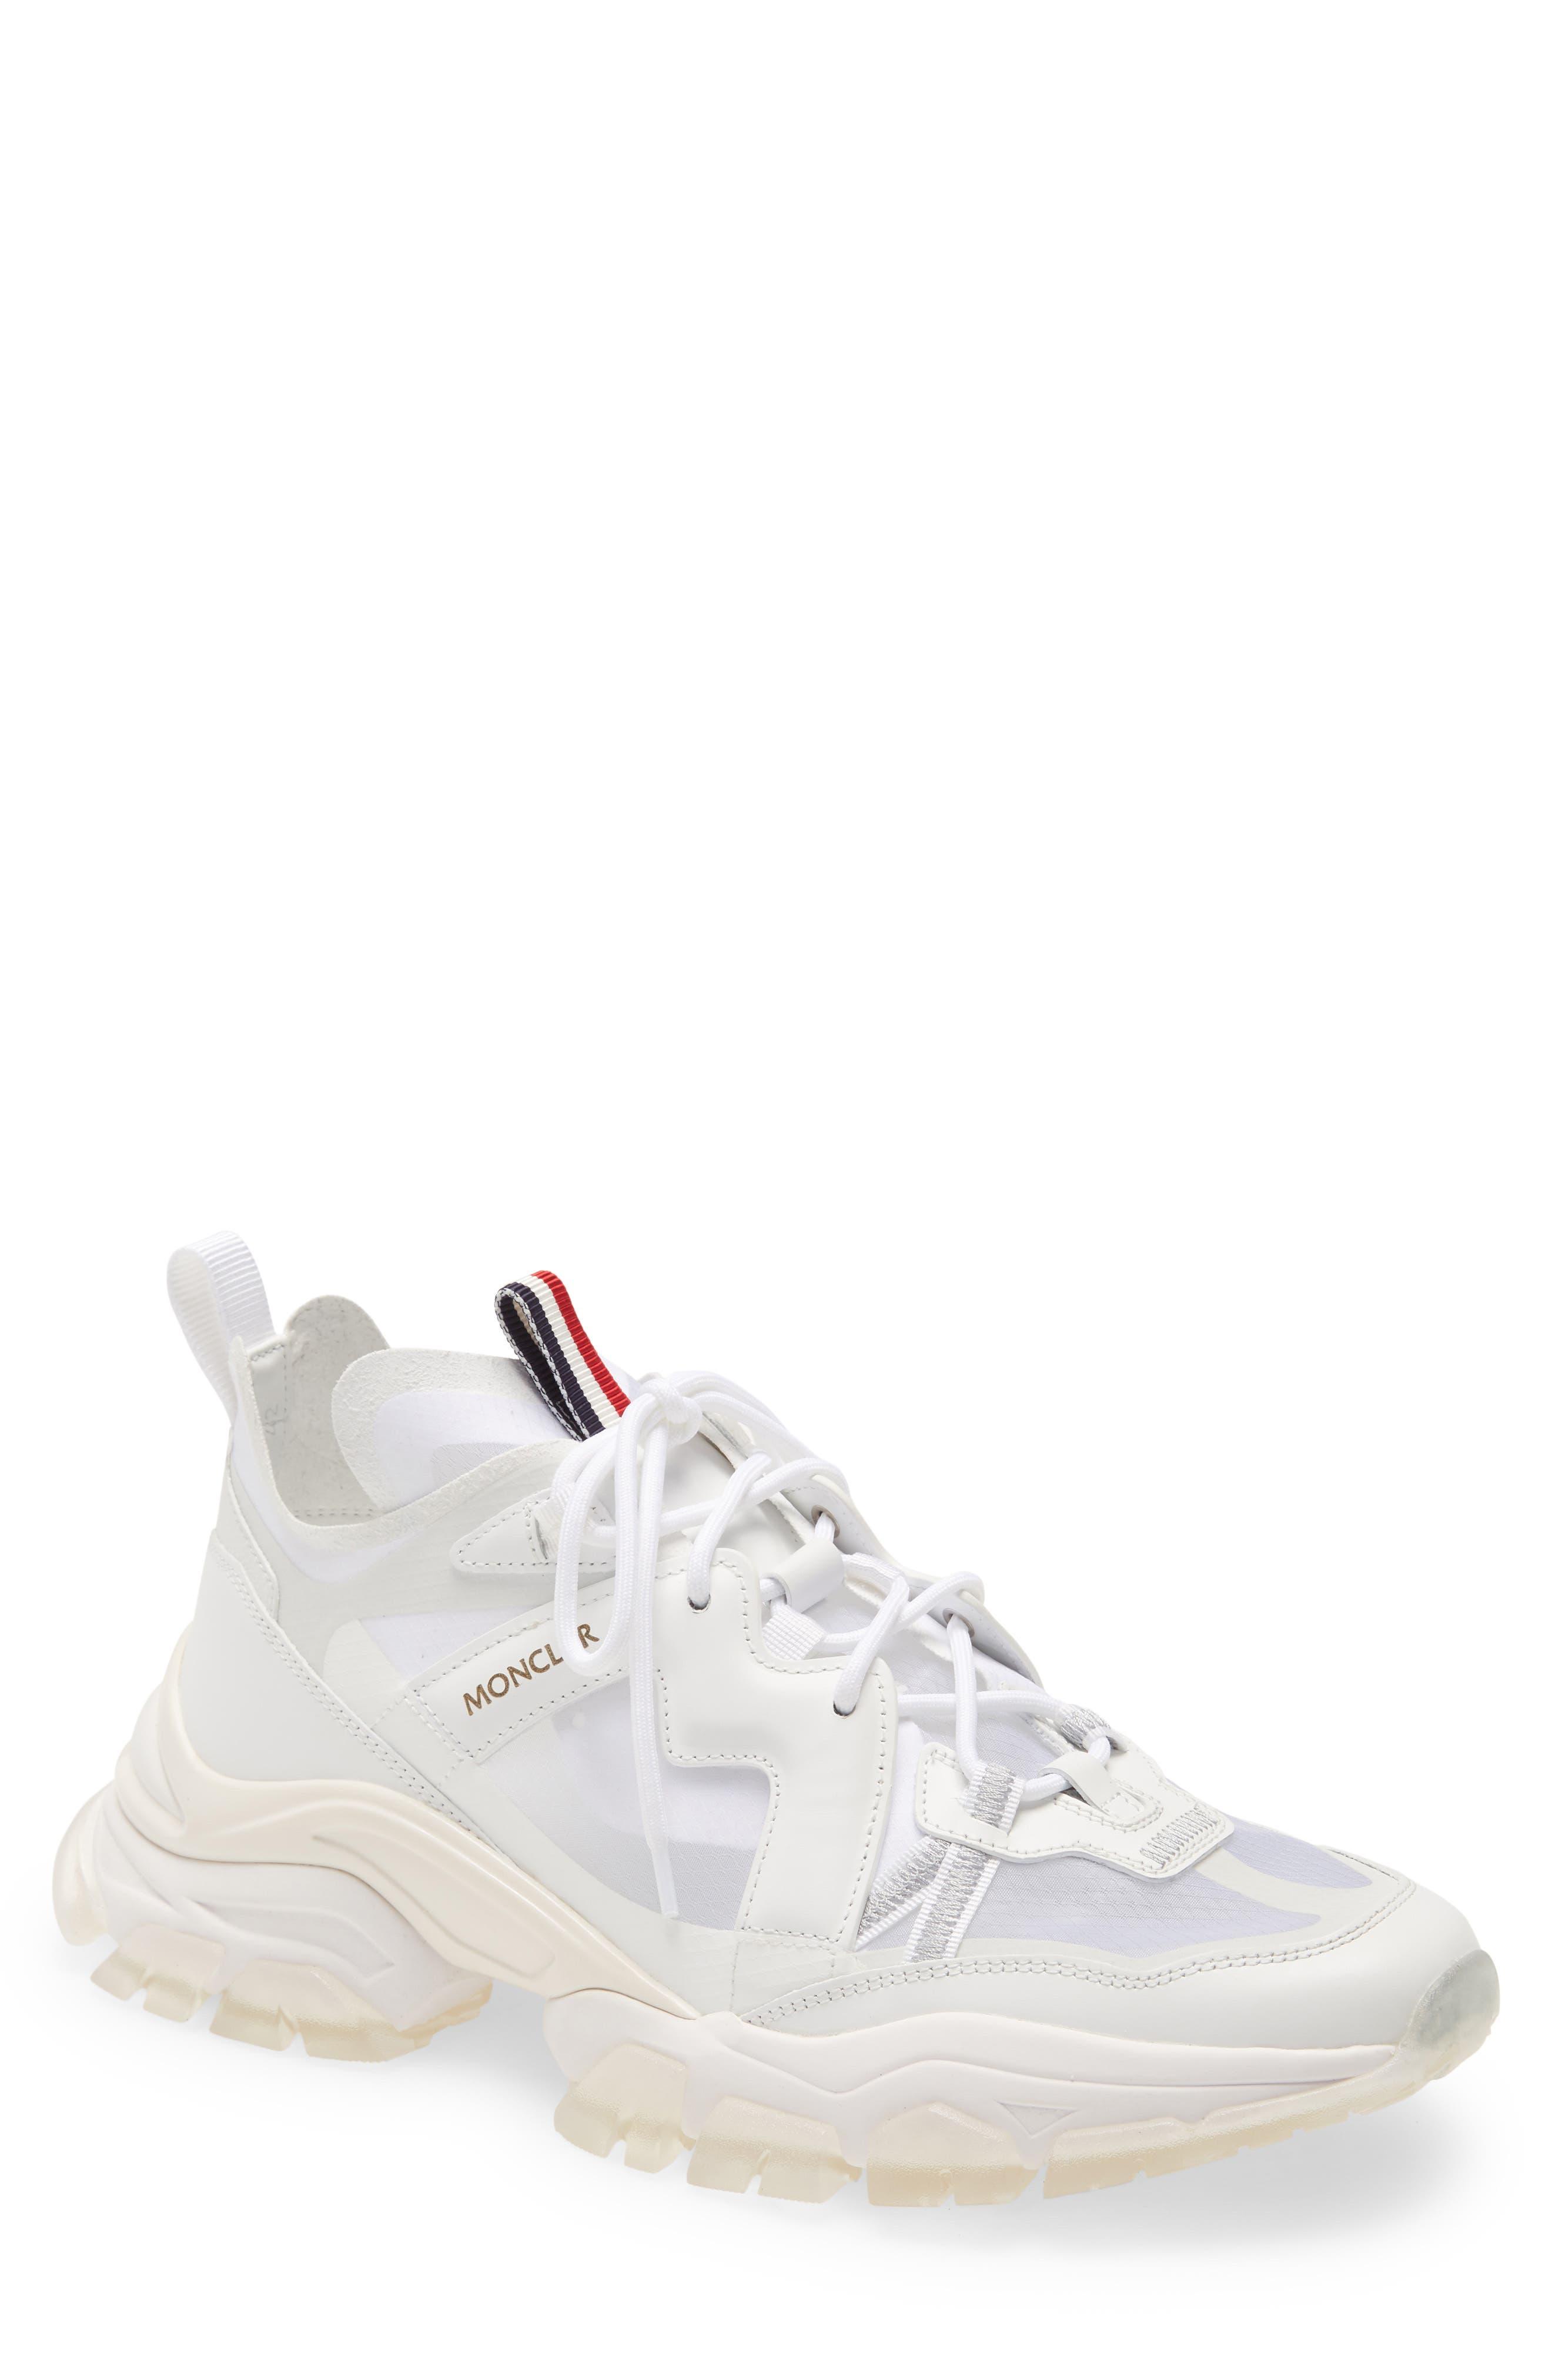 Moncler Leave No Trace Sneaker (Men